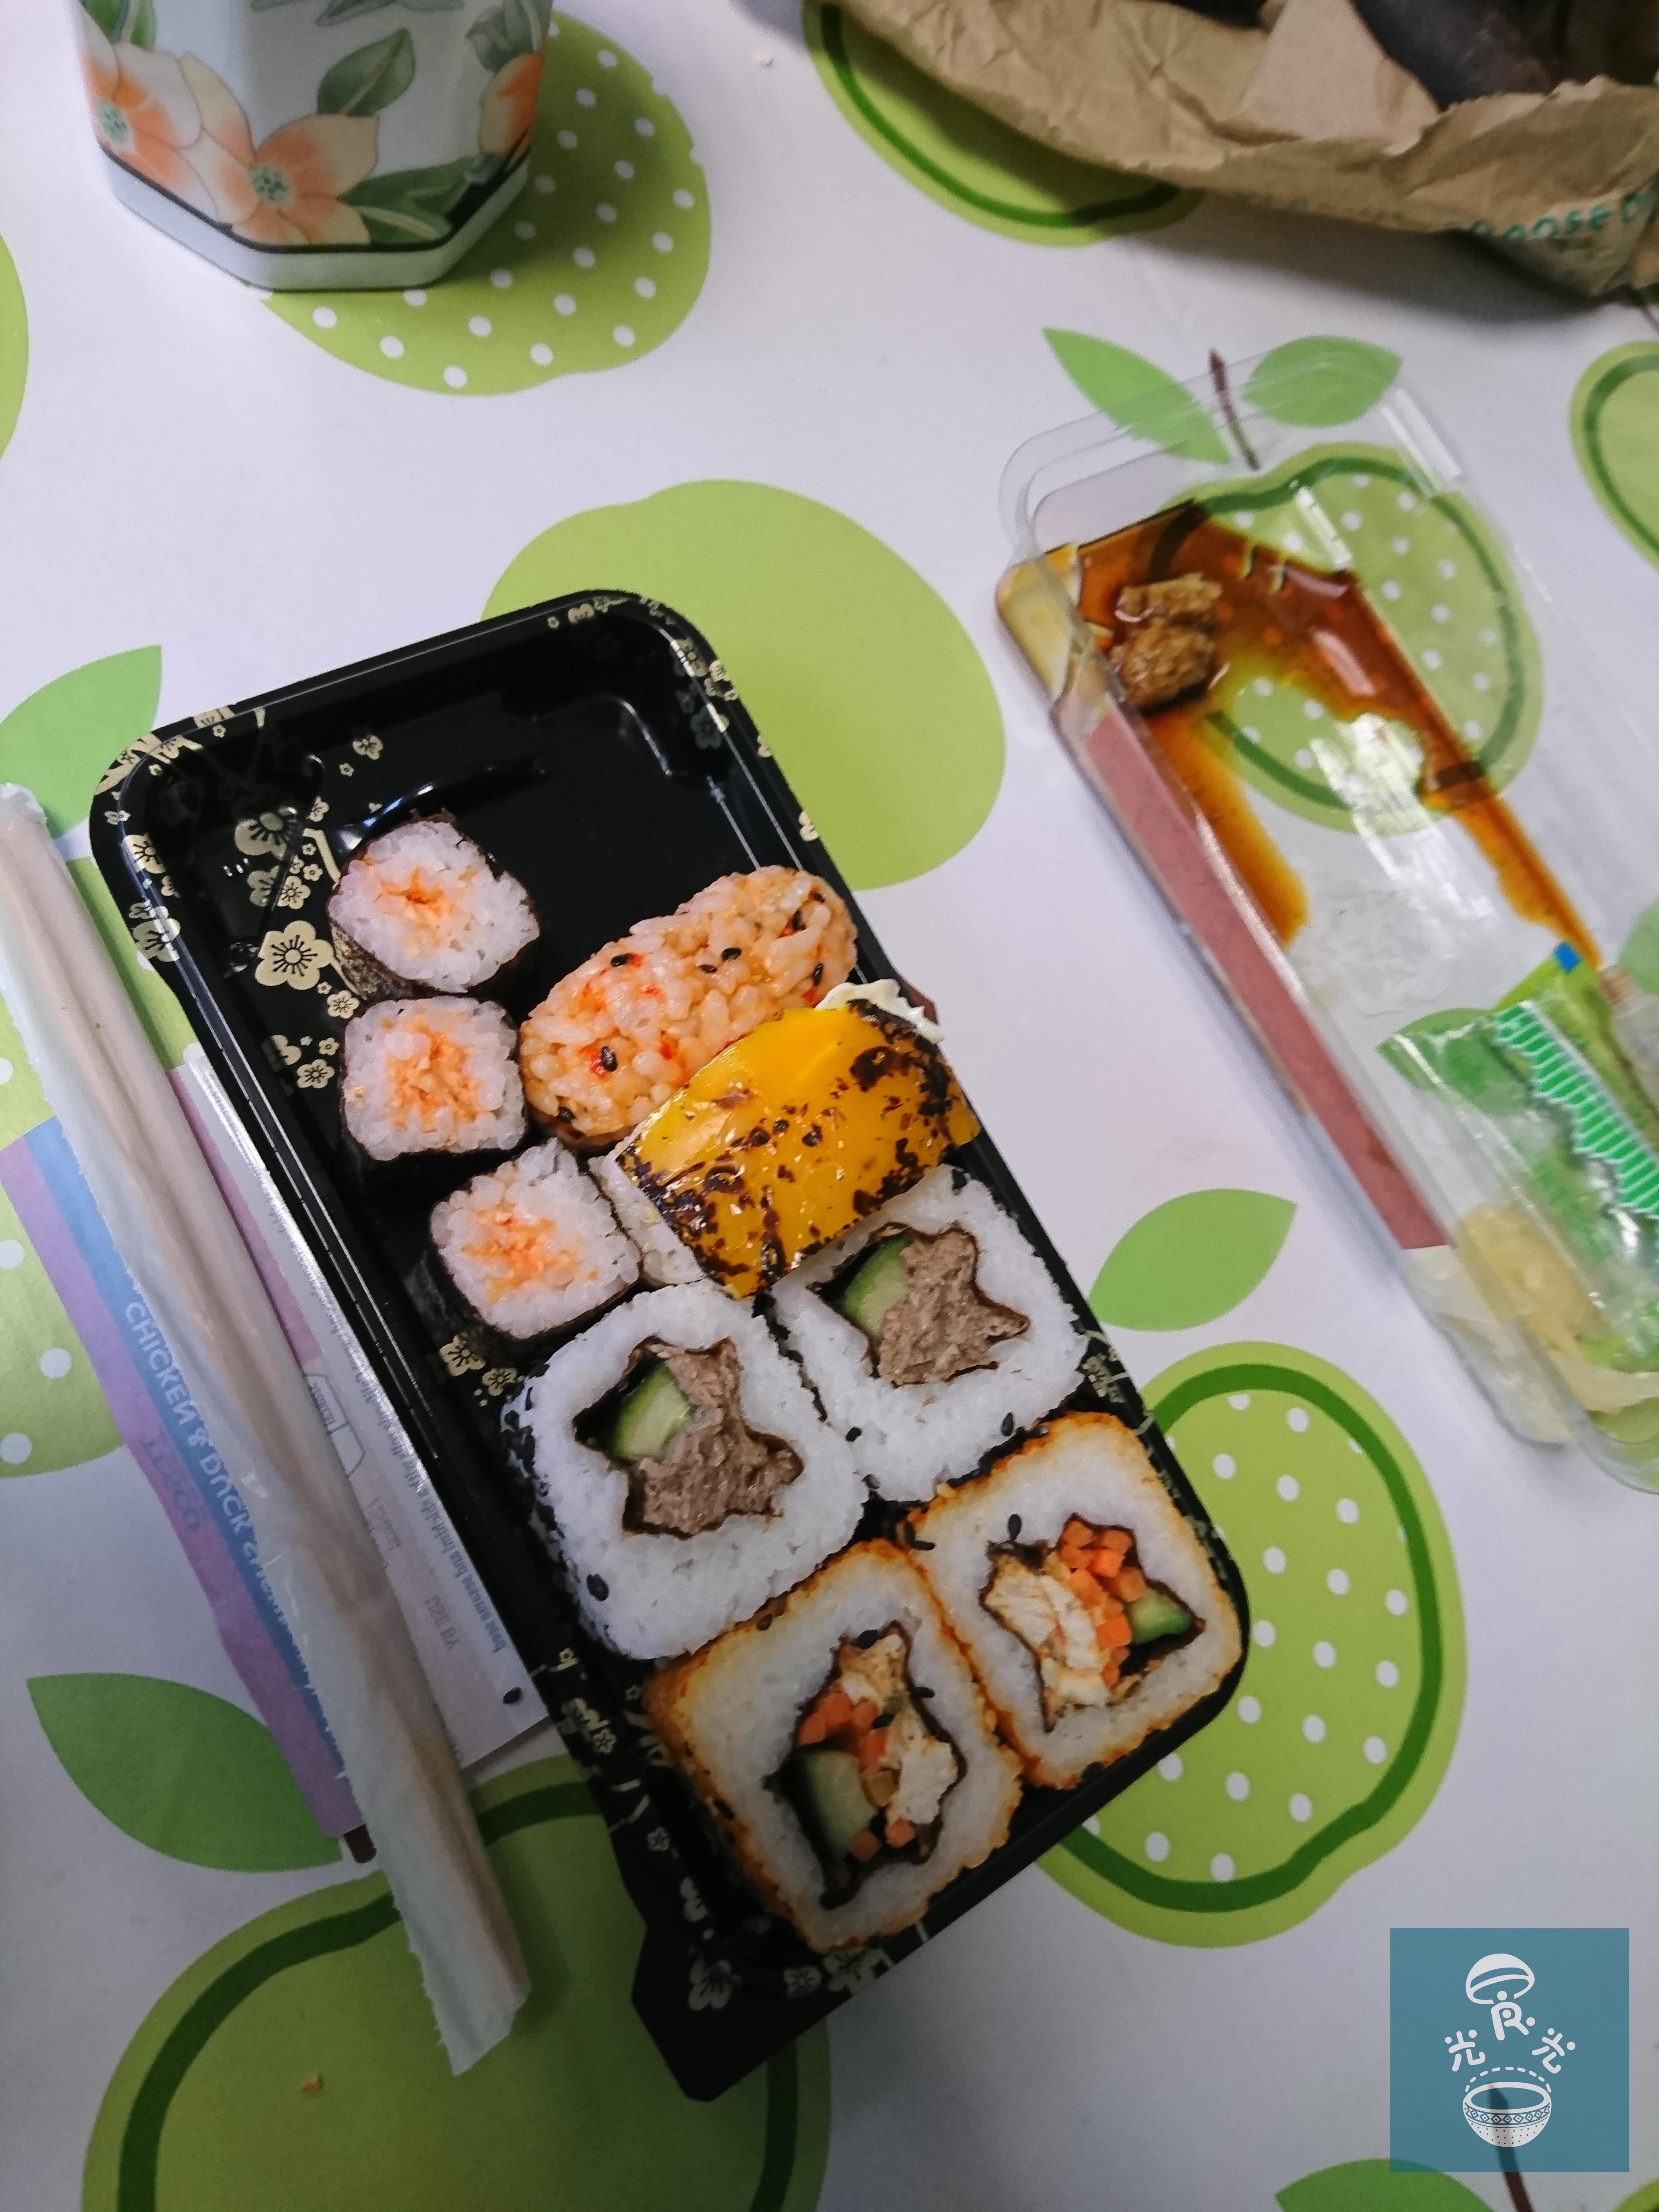 有次午飯時,在雪櫃取了給義工享用的壽司,由這邊超市捐出......說實的,味道真不太好,不知是本身味道已是這樣,還是因為放在冷箱太久